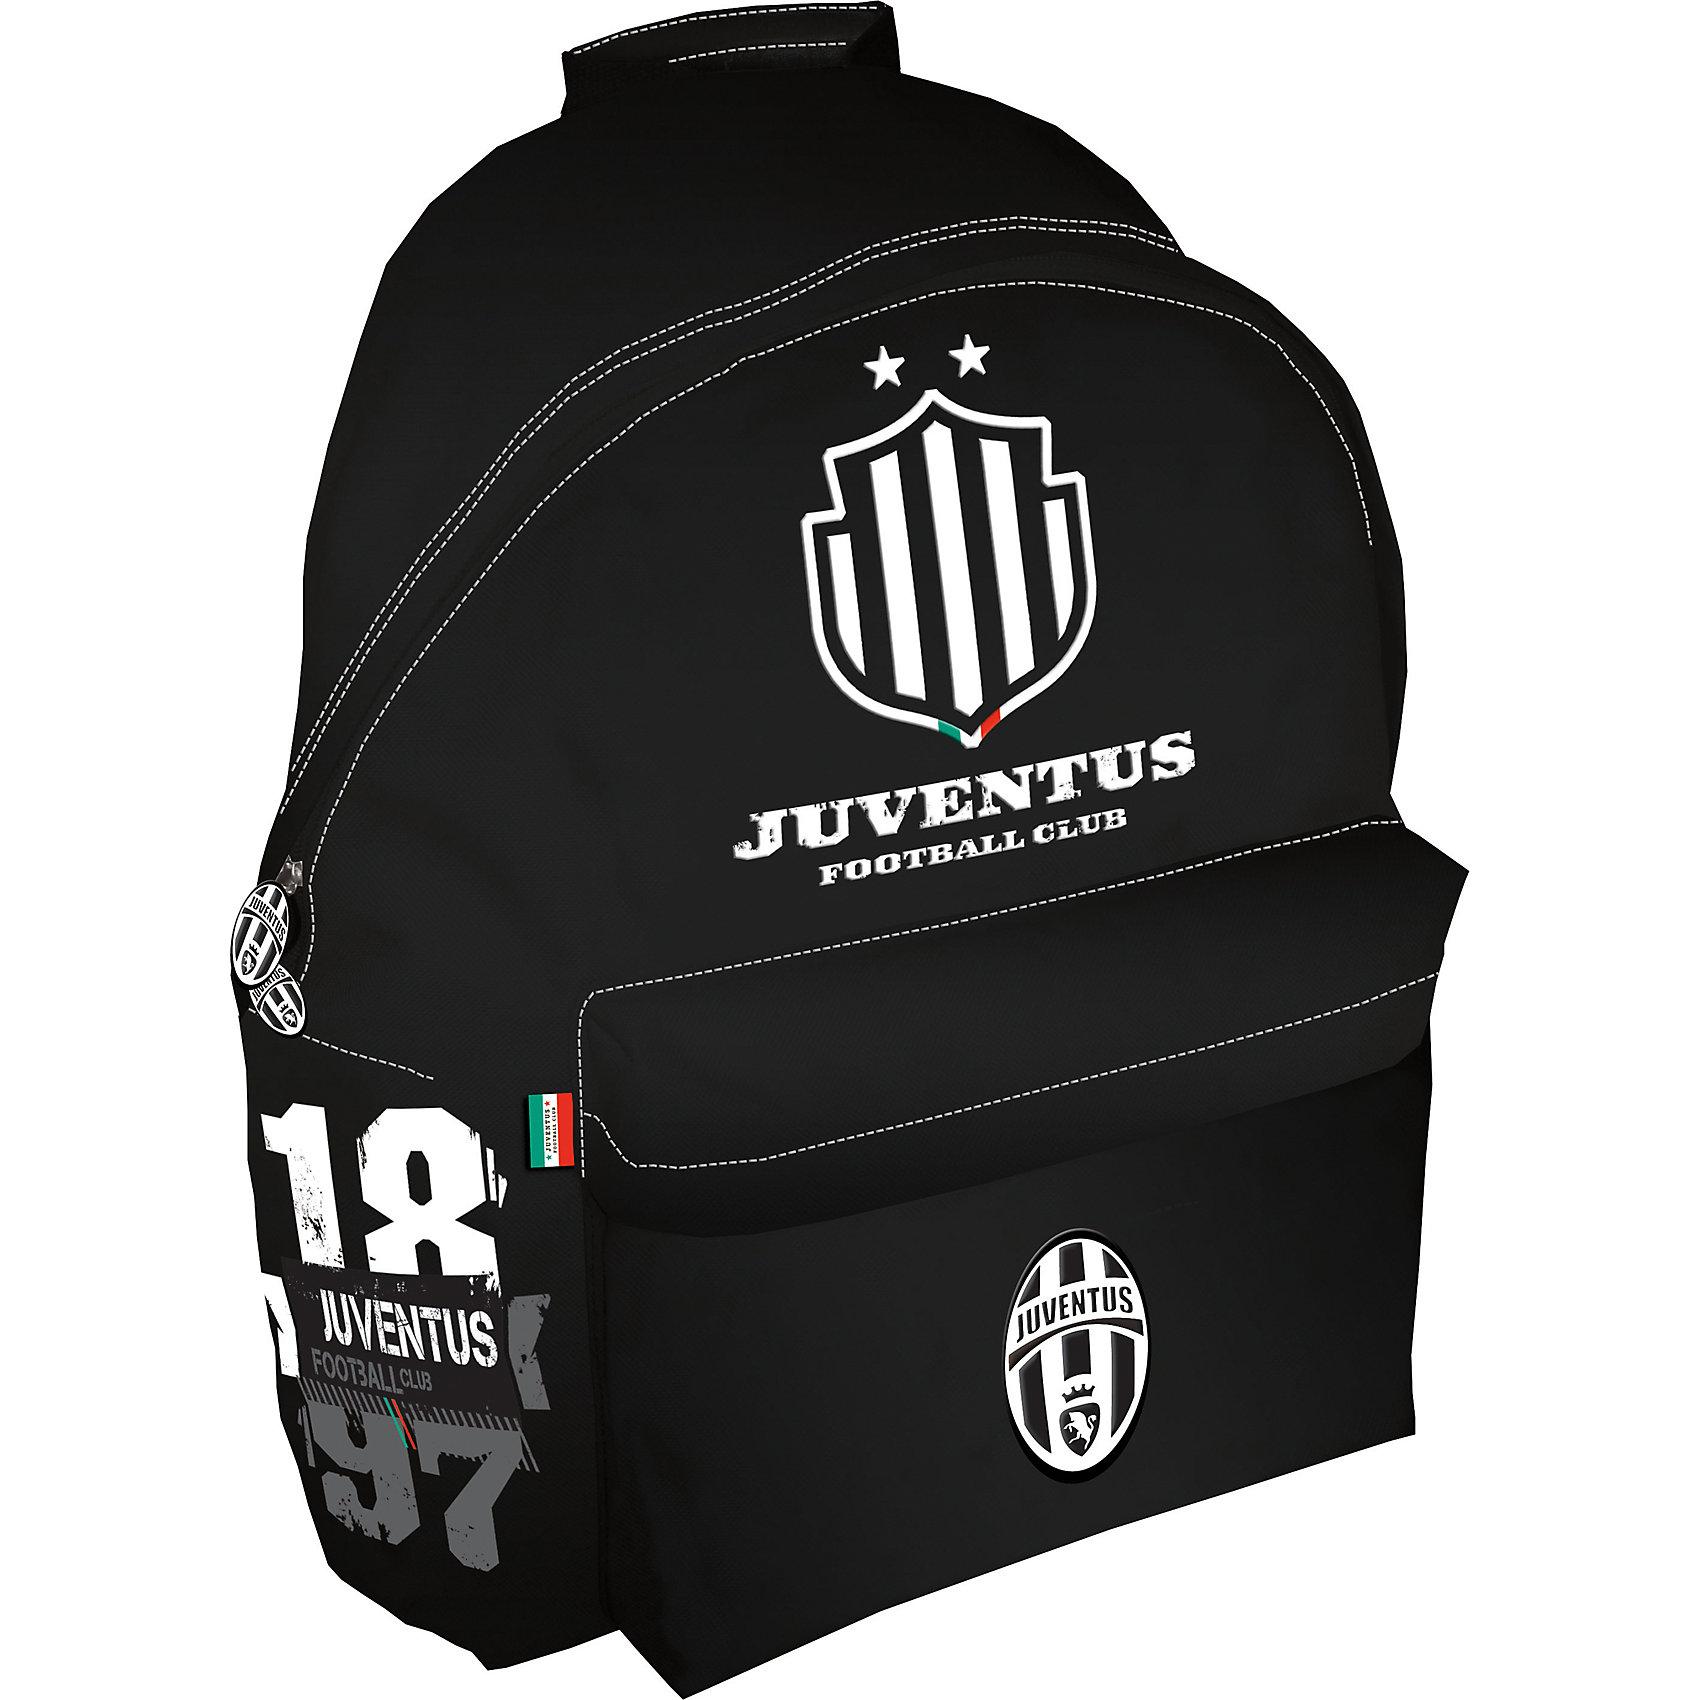 Рюкзак 36*25*12 см, JuventusРюкзаки<br>Рюкзак  Juventus (Ювентус).<br><br>Характеристики:<br><br>- Размеры: 40х31х15 см<br>- Вес: 484г<br>- Цвет: черный.<br><br>Удобный, вместительный рюкзак для похода в спортивные секции. Такой рюкзак также  можно  использовать, как дорожный, что особенно удобно  в летний период времени, когда дети уезжают в санатории и лагеря. Такой рюкзак порадует каждого мальчика. Основной отдел на молнии, вместительный наружный карман на скрытой молнии, один внутренний накладной карман на молнии. Рюкзак декорирован эмблемами и цветами спортивного клуба Juventus (Ювентус) .   <br><br>Рюкзак Juventus (Ювентус), можно купить в нашем интернет – магазине.<br><br>Ширина мм: 310<br>Глубина мм: 150<br>Высота мм: 400<br>Вес г: 484<br>Возраст от месяцев: 72<br>Возраст до месяцев: 192<br>Пол: Мужской<br>Возраст: Детский<br>SKU: 5218430